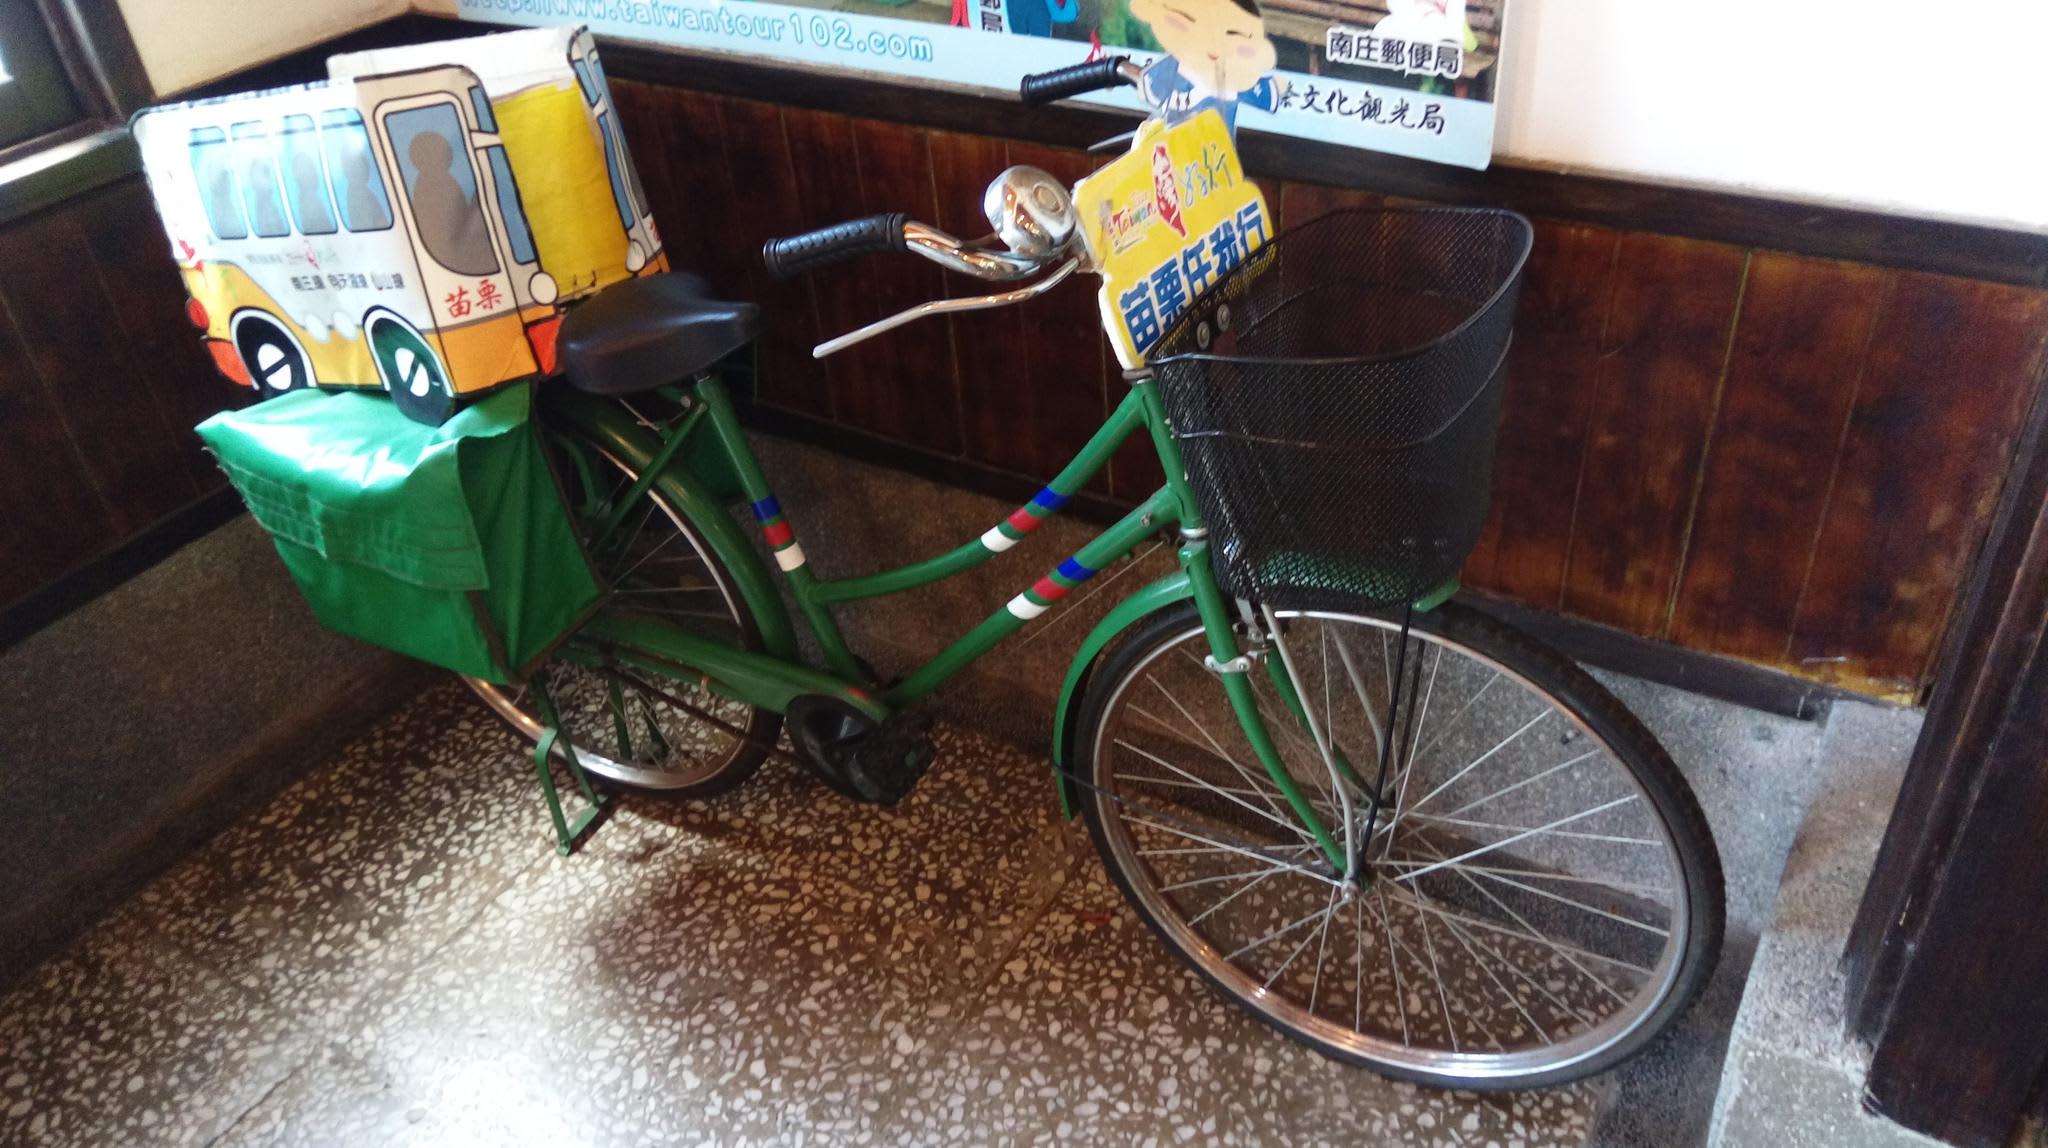 xe đạp cổ tại bưu điện cổ nanzchuang